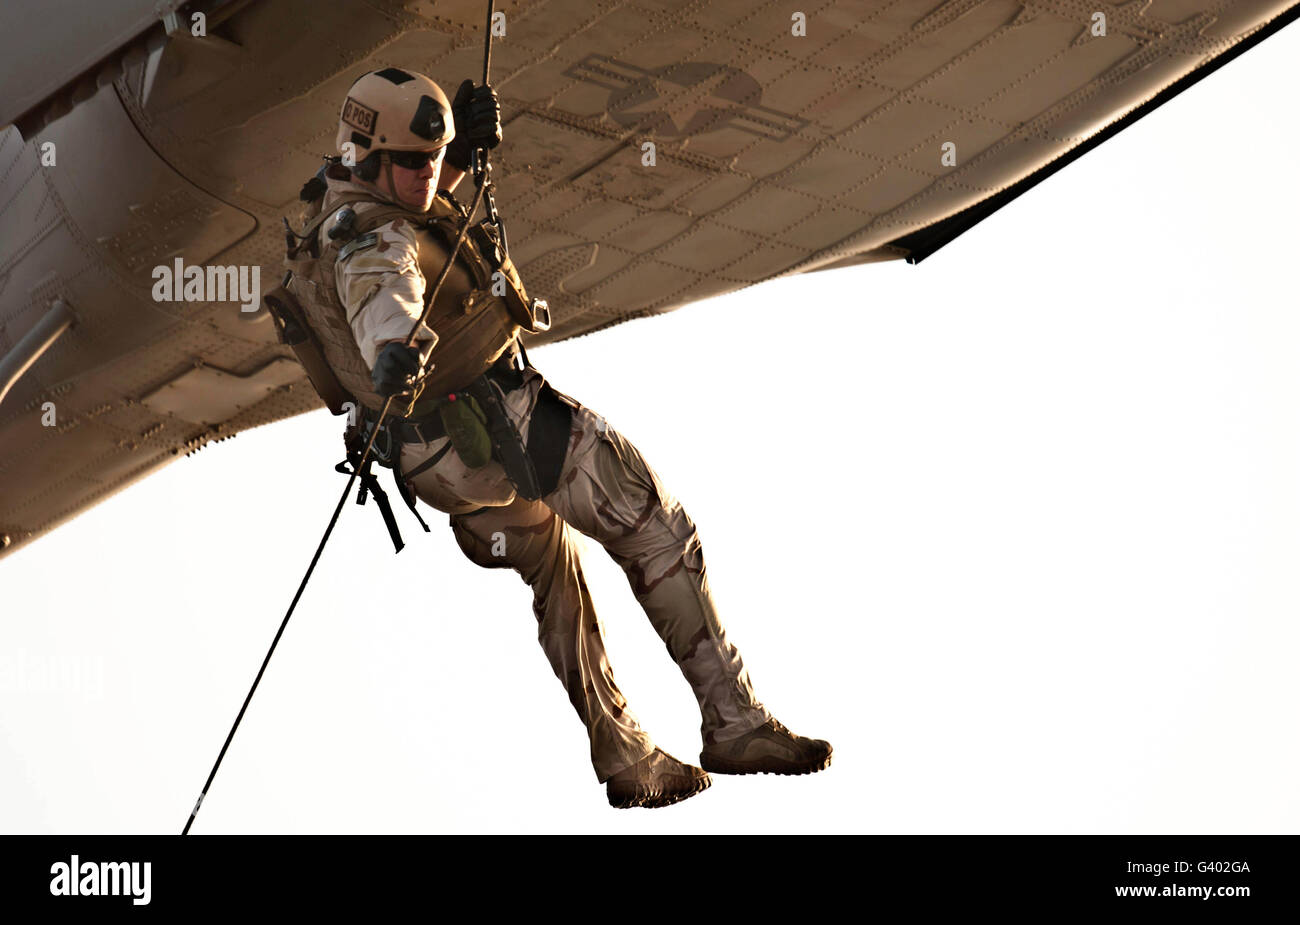 Ein Soldat Abseilung von einem MH-60 s Knighthawk Hubschrauber. Stockbild